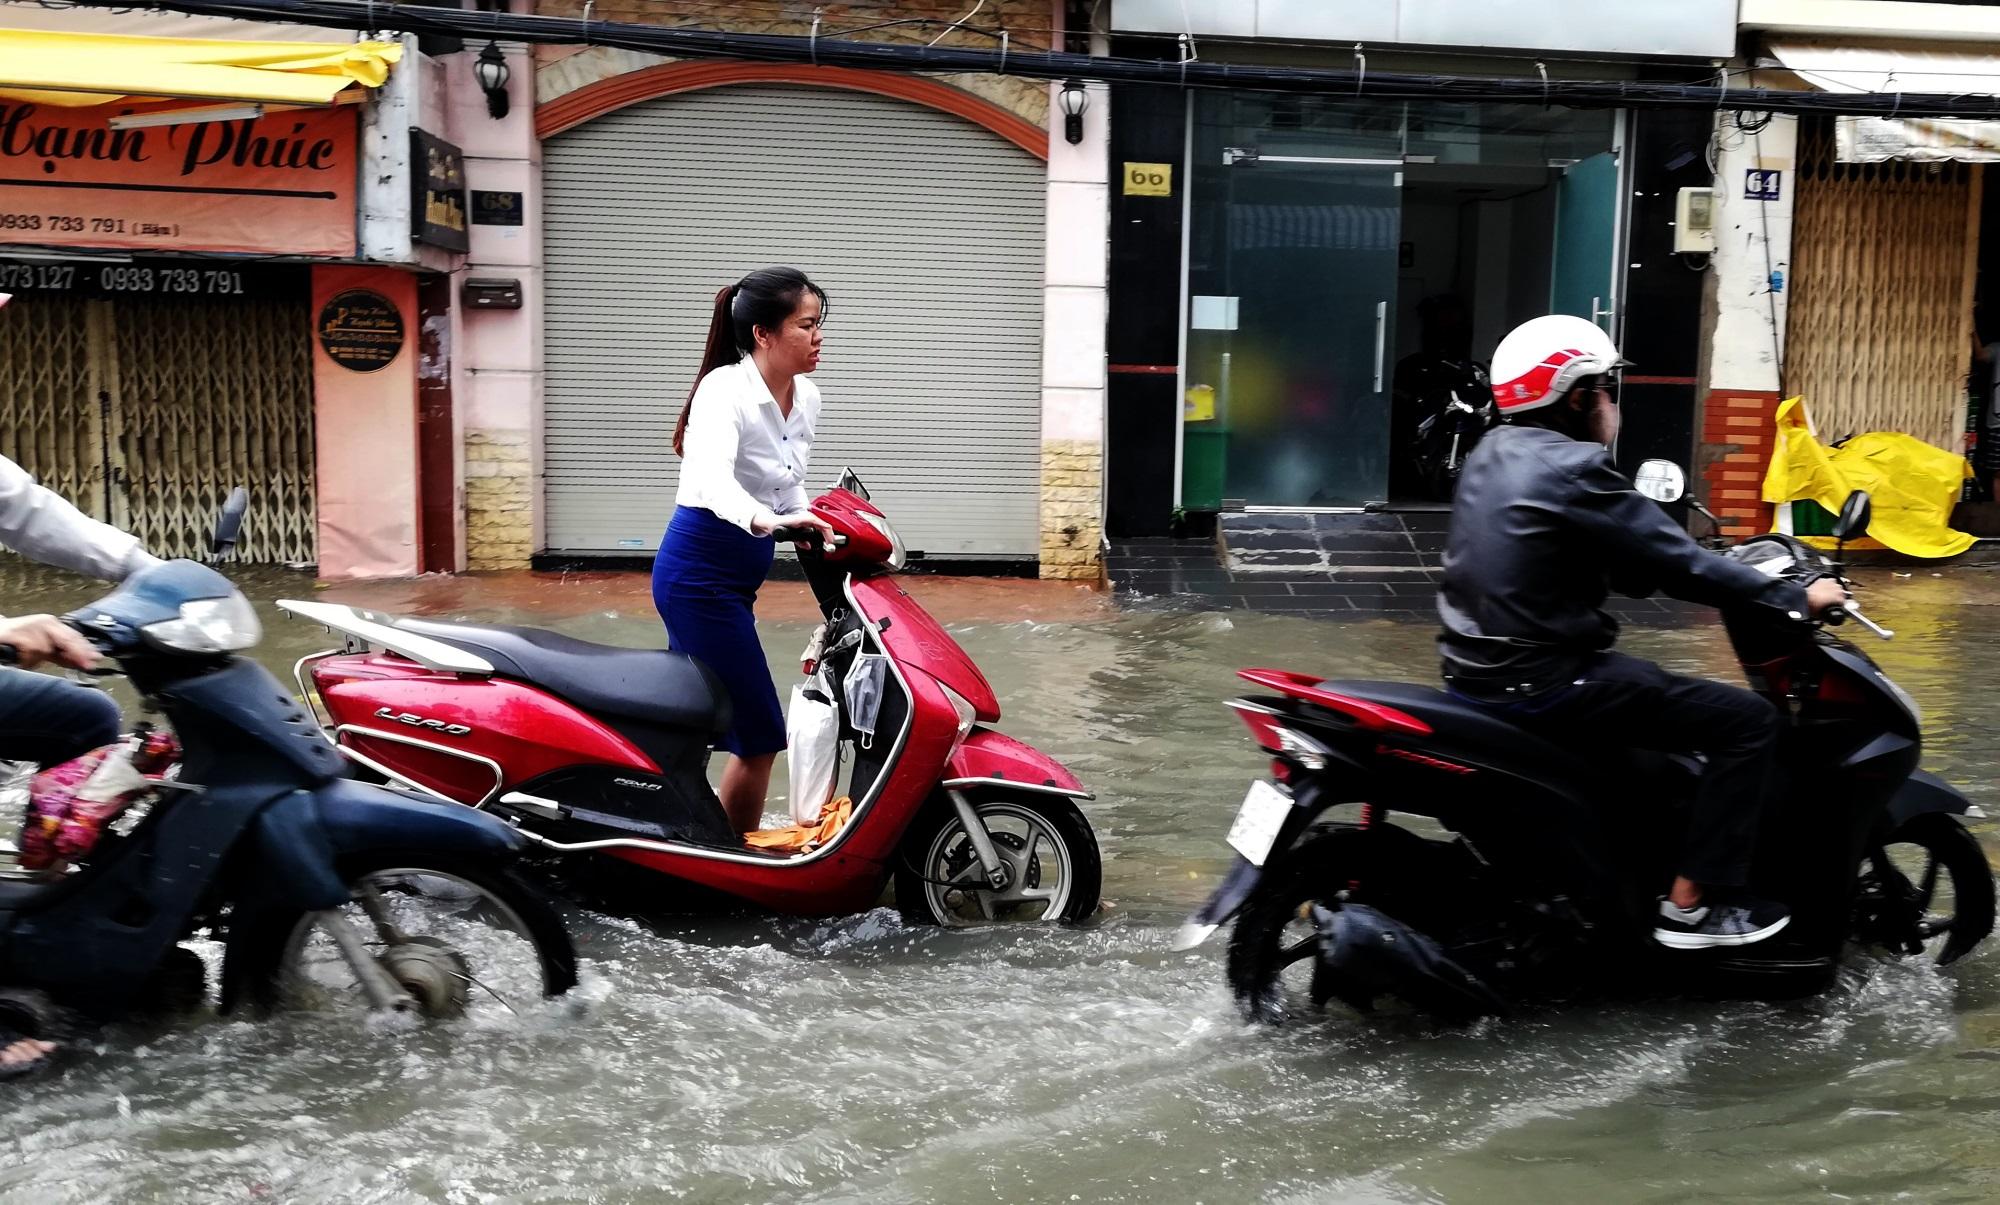 Sau một đêm tơi tả trong bão lịch sử, người Sài Gòn tiếp tục thở không ra hơi vì ngập nước kẹt xe nhiều giờ - Ảnh 14